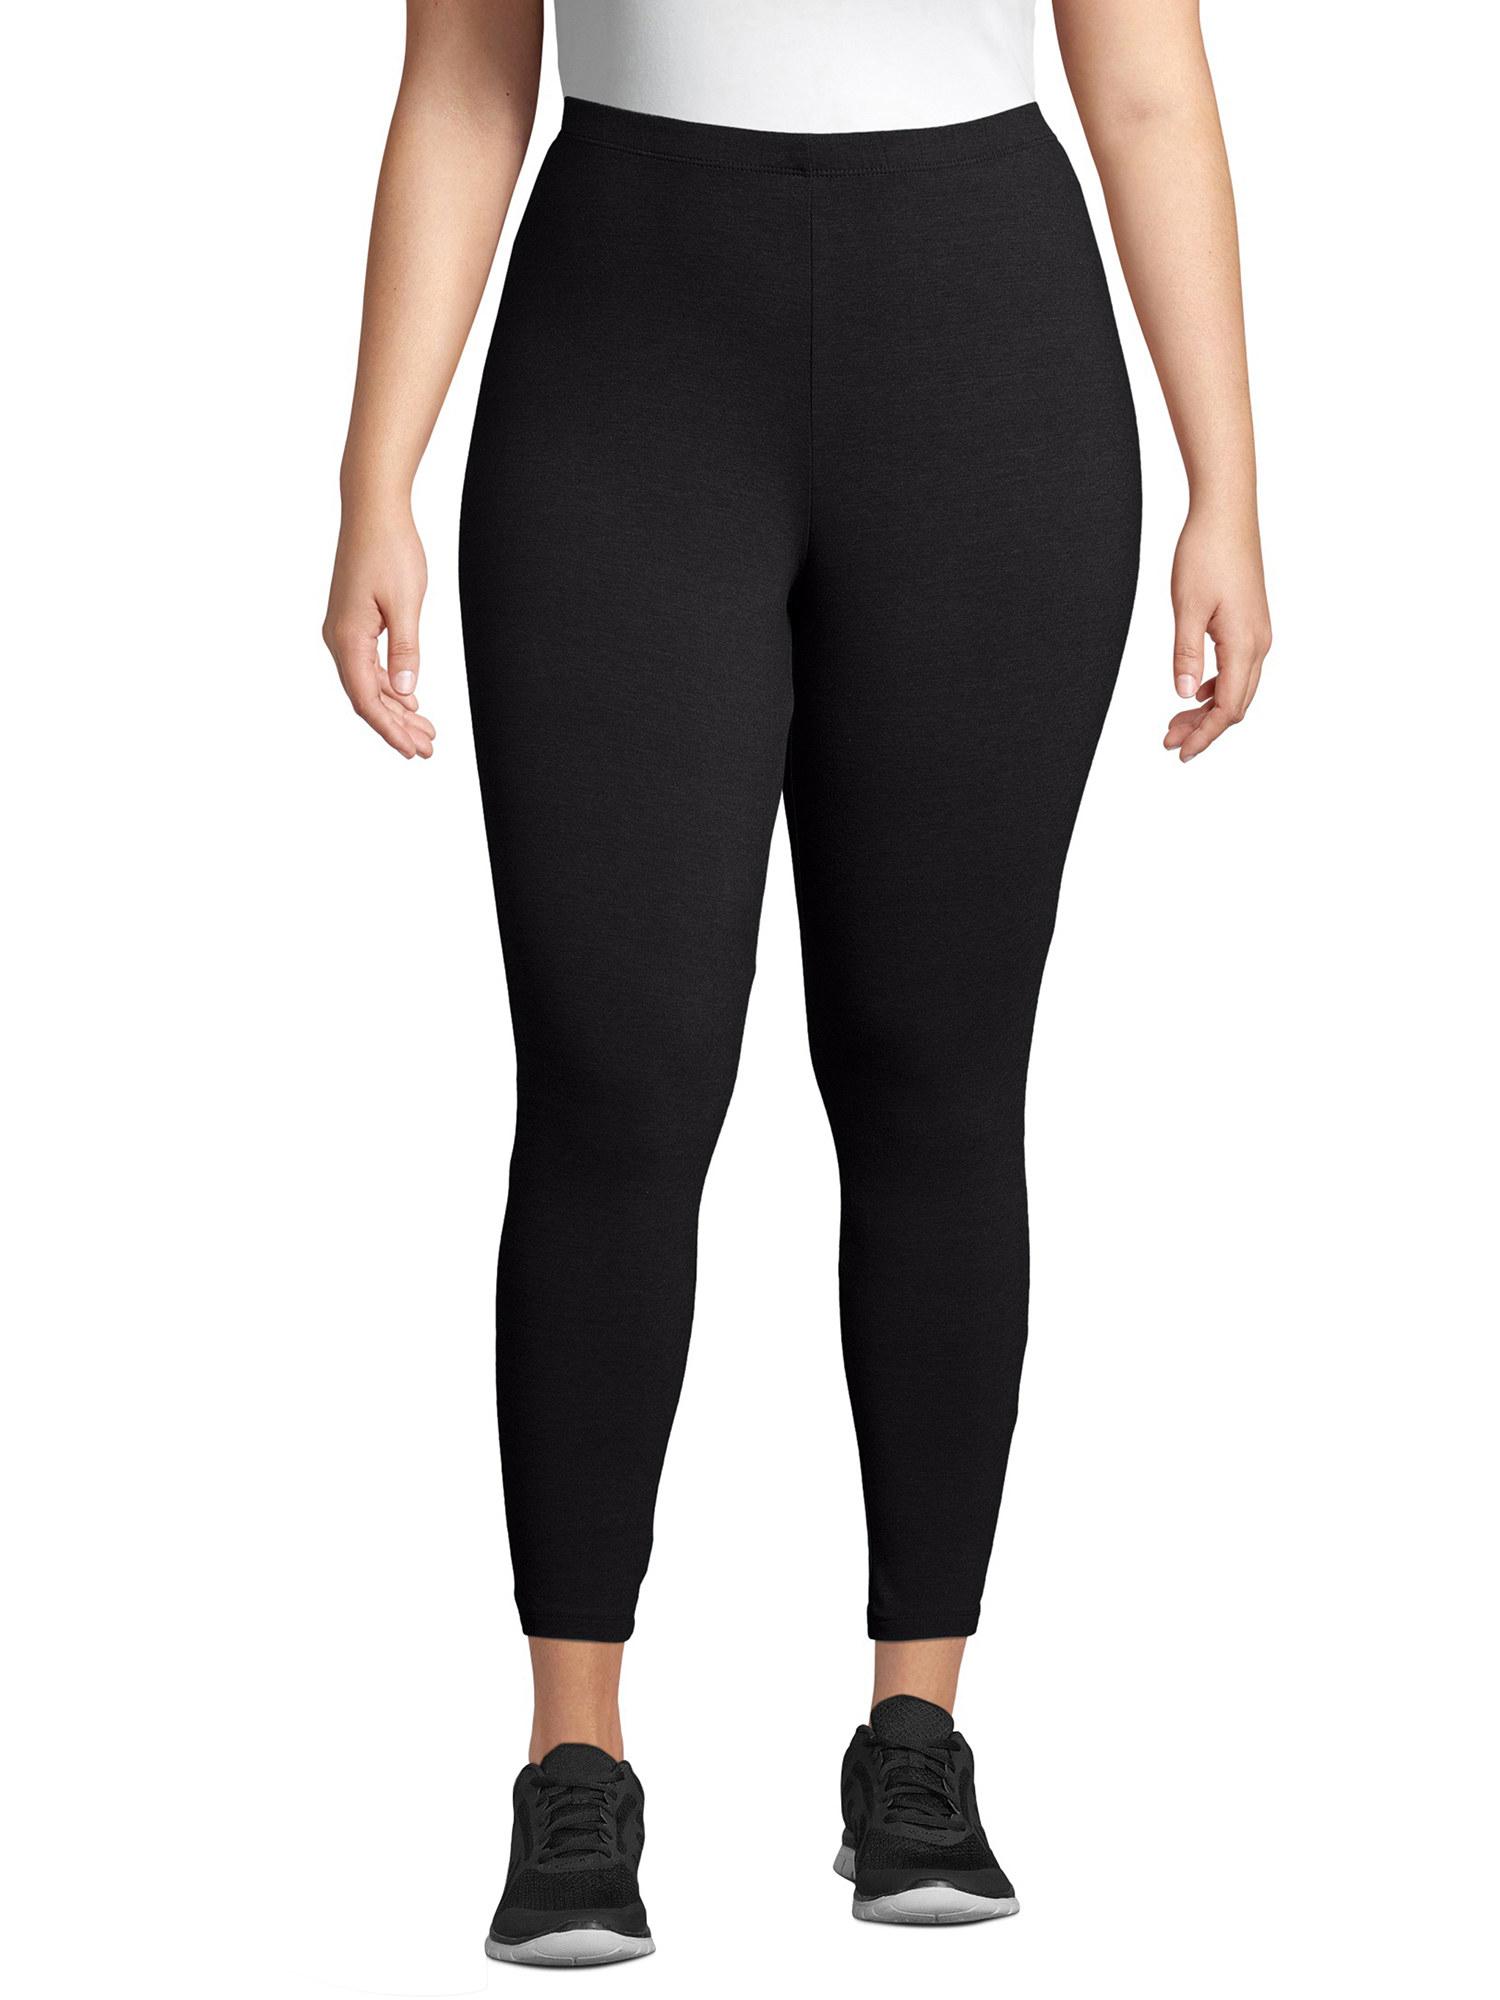 The leggings in black